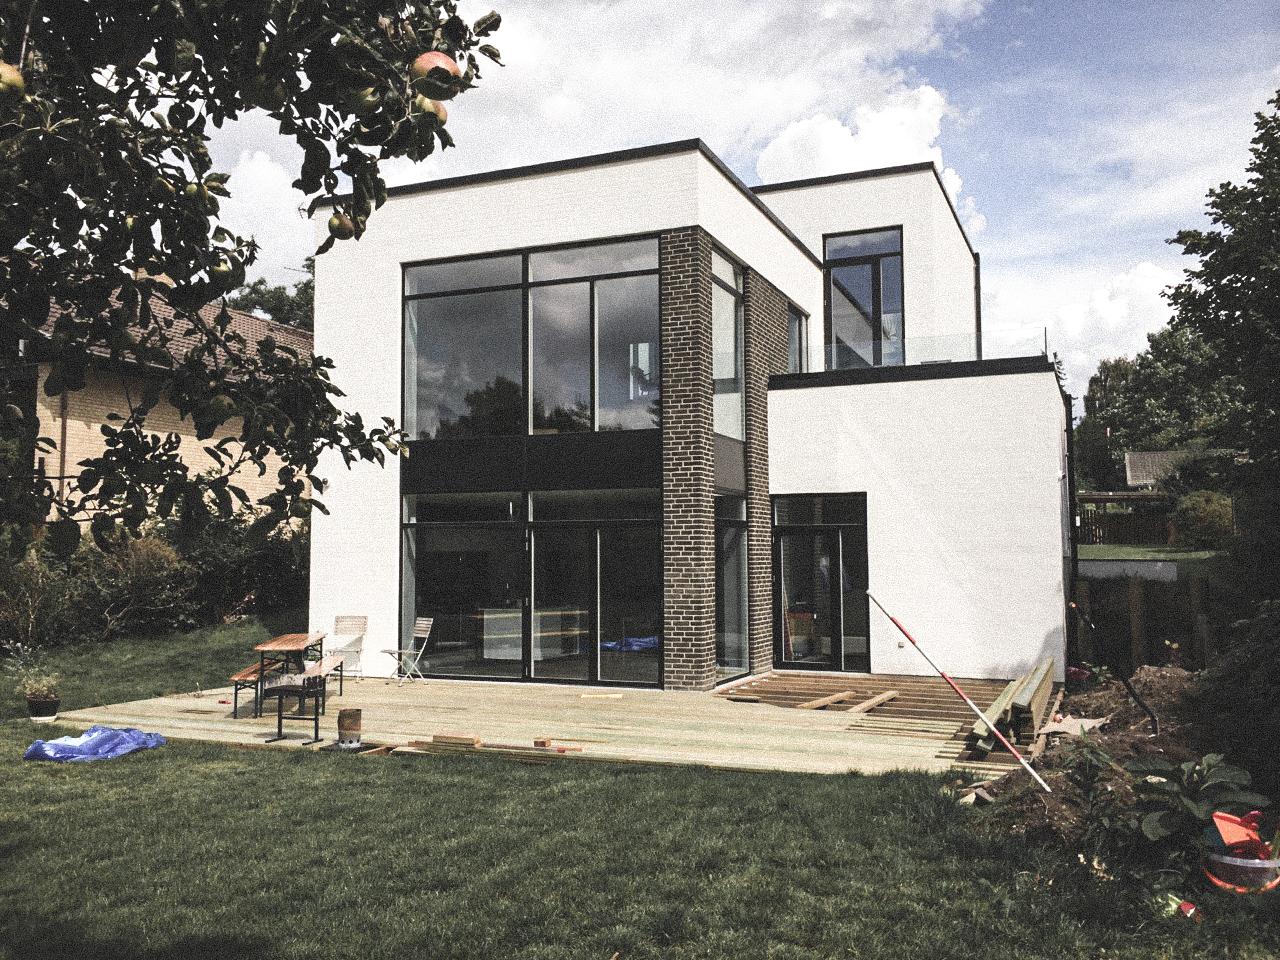 Billede af villa i Vanløse efter indflytning, tegnet af arkitektfirmaet m2plus.